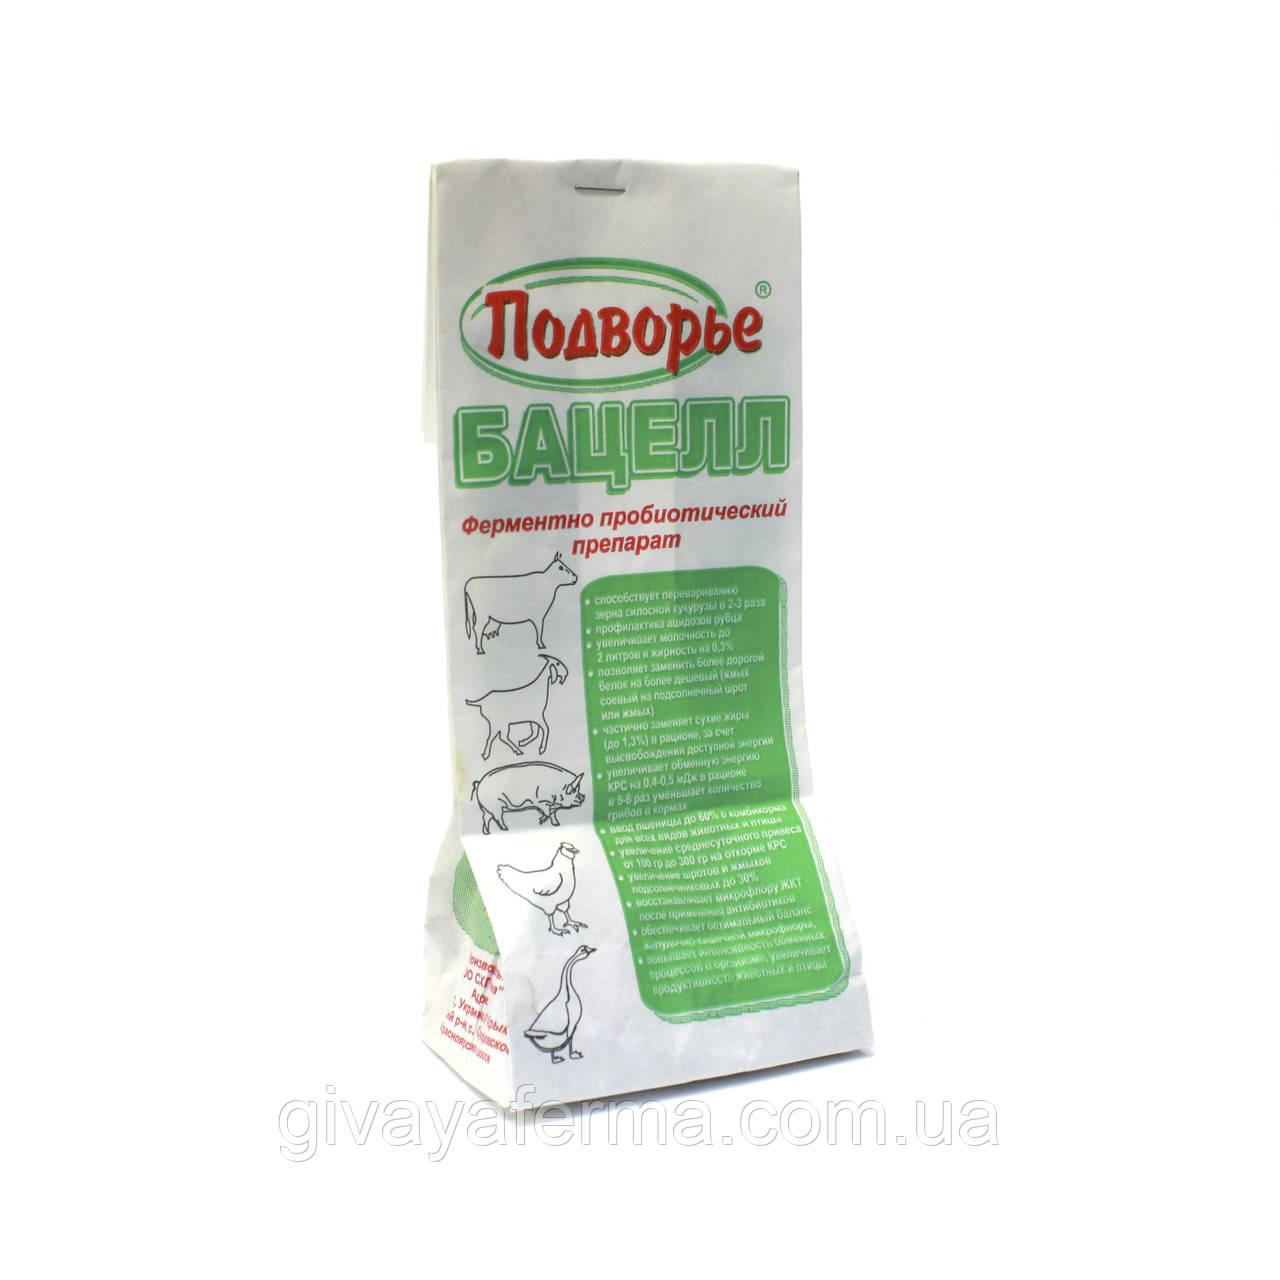 Бацелл 100 гр, ПРОБИОТИК, ферментно - пробиотический препарат (пробиотик) для животных и птицы